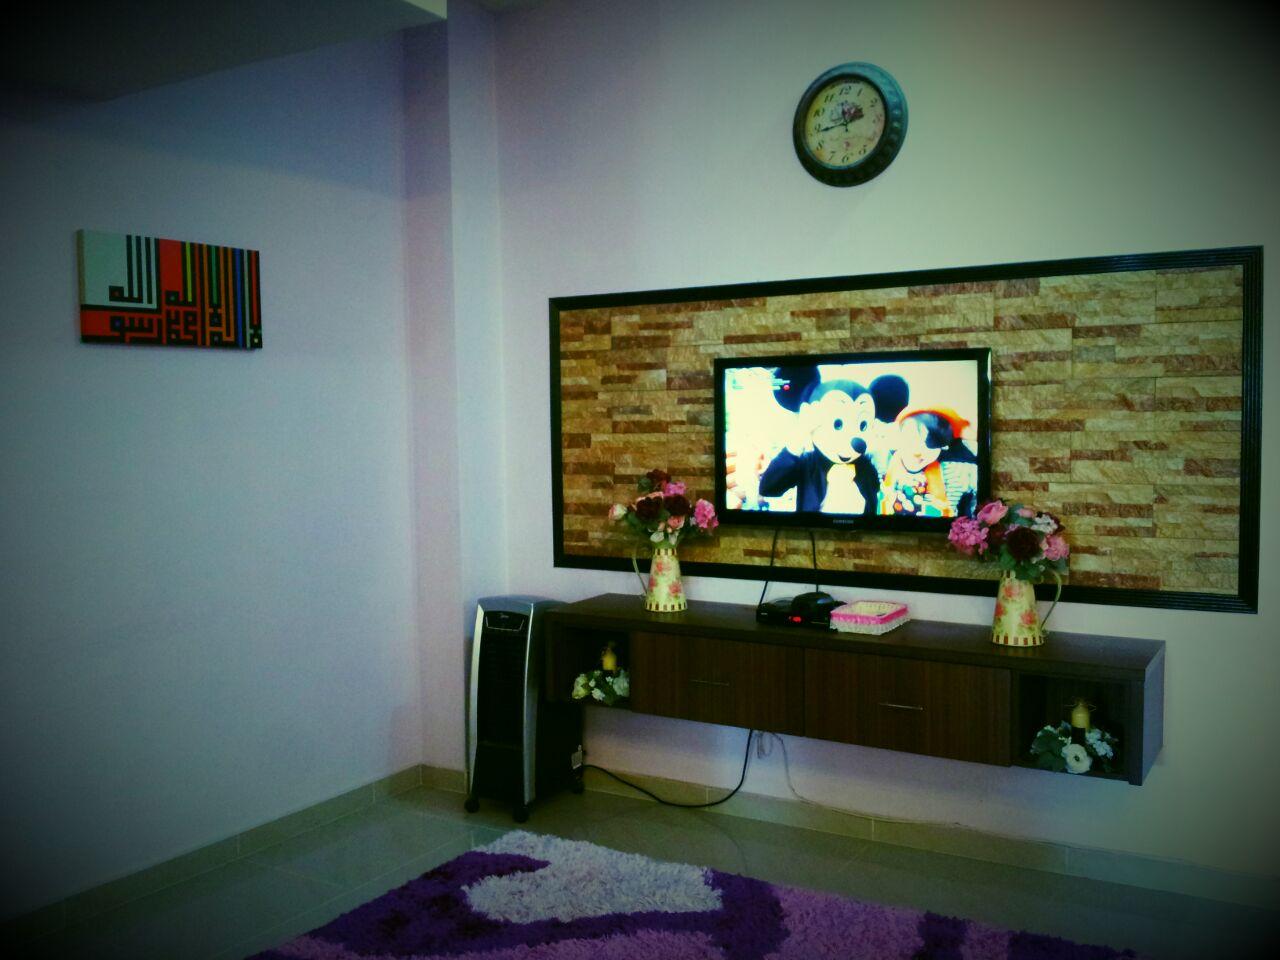 Inilah Tempat Saya Anak Beranak Menonton Tv Biasanya Kami Akan Ambil Kusyen Dan Sambil Baring2 Sangat Relax Santai